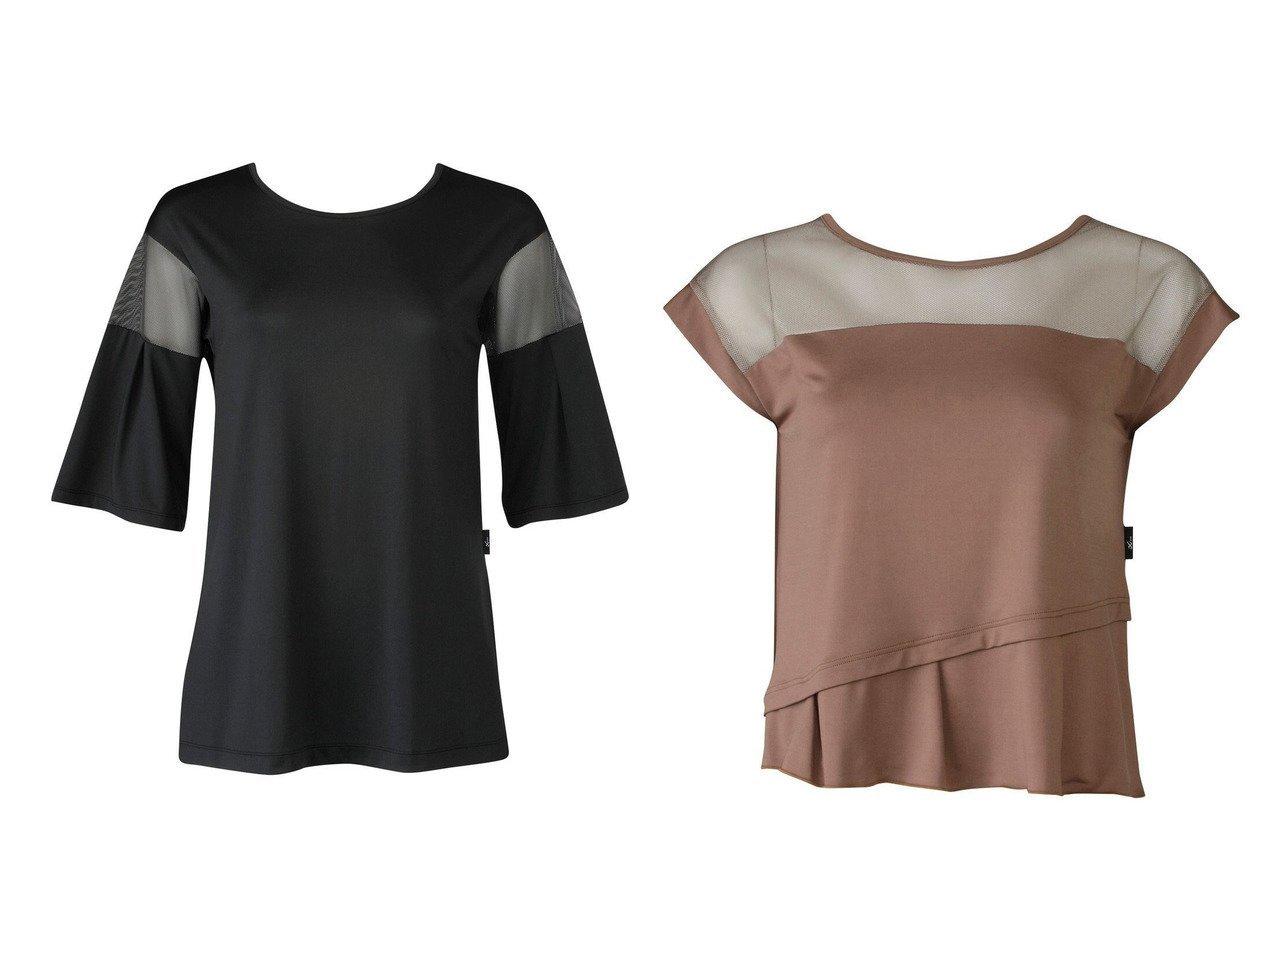 【CW-X/シーダブリューエックス】の【WOMEN】YOGAアウター Tシャツ 7分袖ワコール&【WOMEN】YOGAアウター Tシャツ 半袖ワコール スポーツウェア・ヨガ・運動・ダイエットグッズなどのおすすめ!人気トレンド・ファッション通販 おすすめで人気の流行・トレンド、ファッションの通販商品 インテリア・家具・メンズファッション・キッズファッション・レディースファッション・服の通販 founy(ファニー) https://founy.com/ ファッション Fashion レディースファッション WOMEN アウター Coat Outerwear トップス・カットソー Tops/Tshirt シャツ/ブラウス Shirts/Blouses ロング / Tシャツ T-Shirts 送料無料 Free Shipping なめらか ストレッチ スリット トレンド メッシュ リボン ロング 切替 抗菌 |ID:crp329100000041118